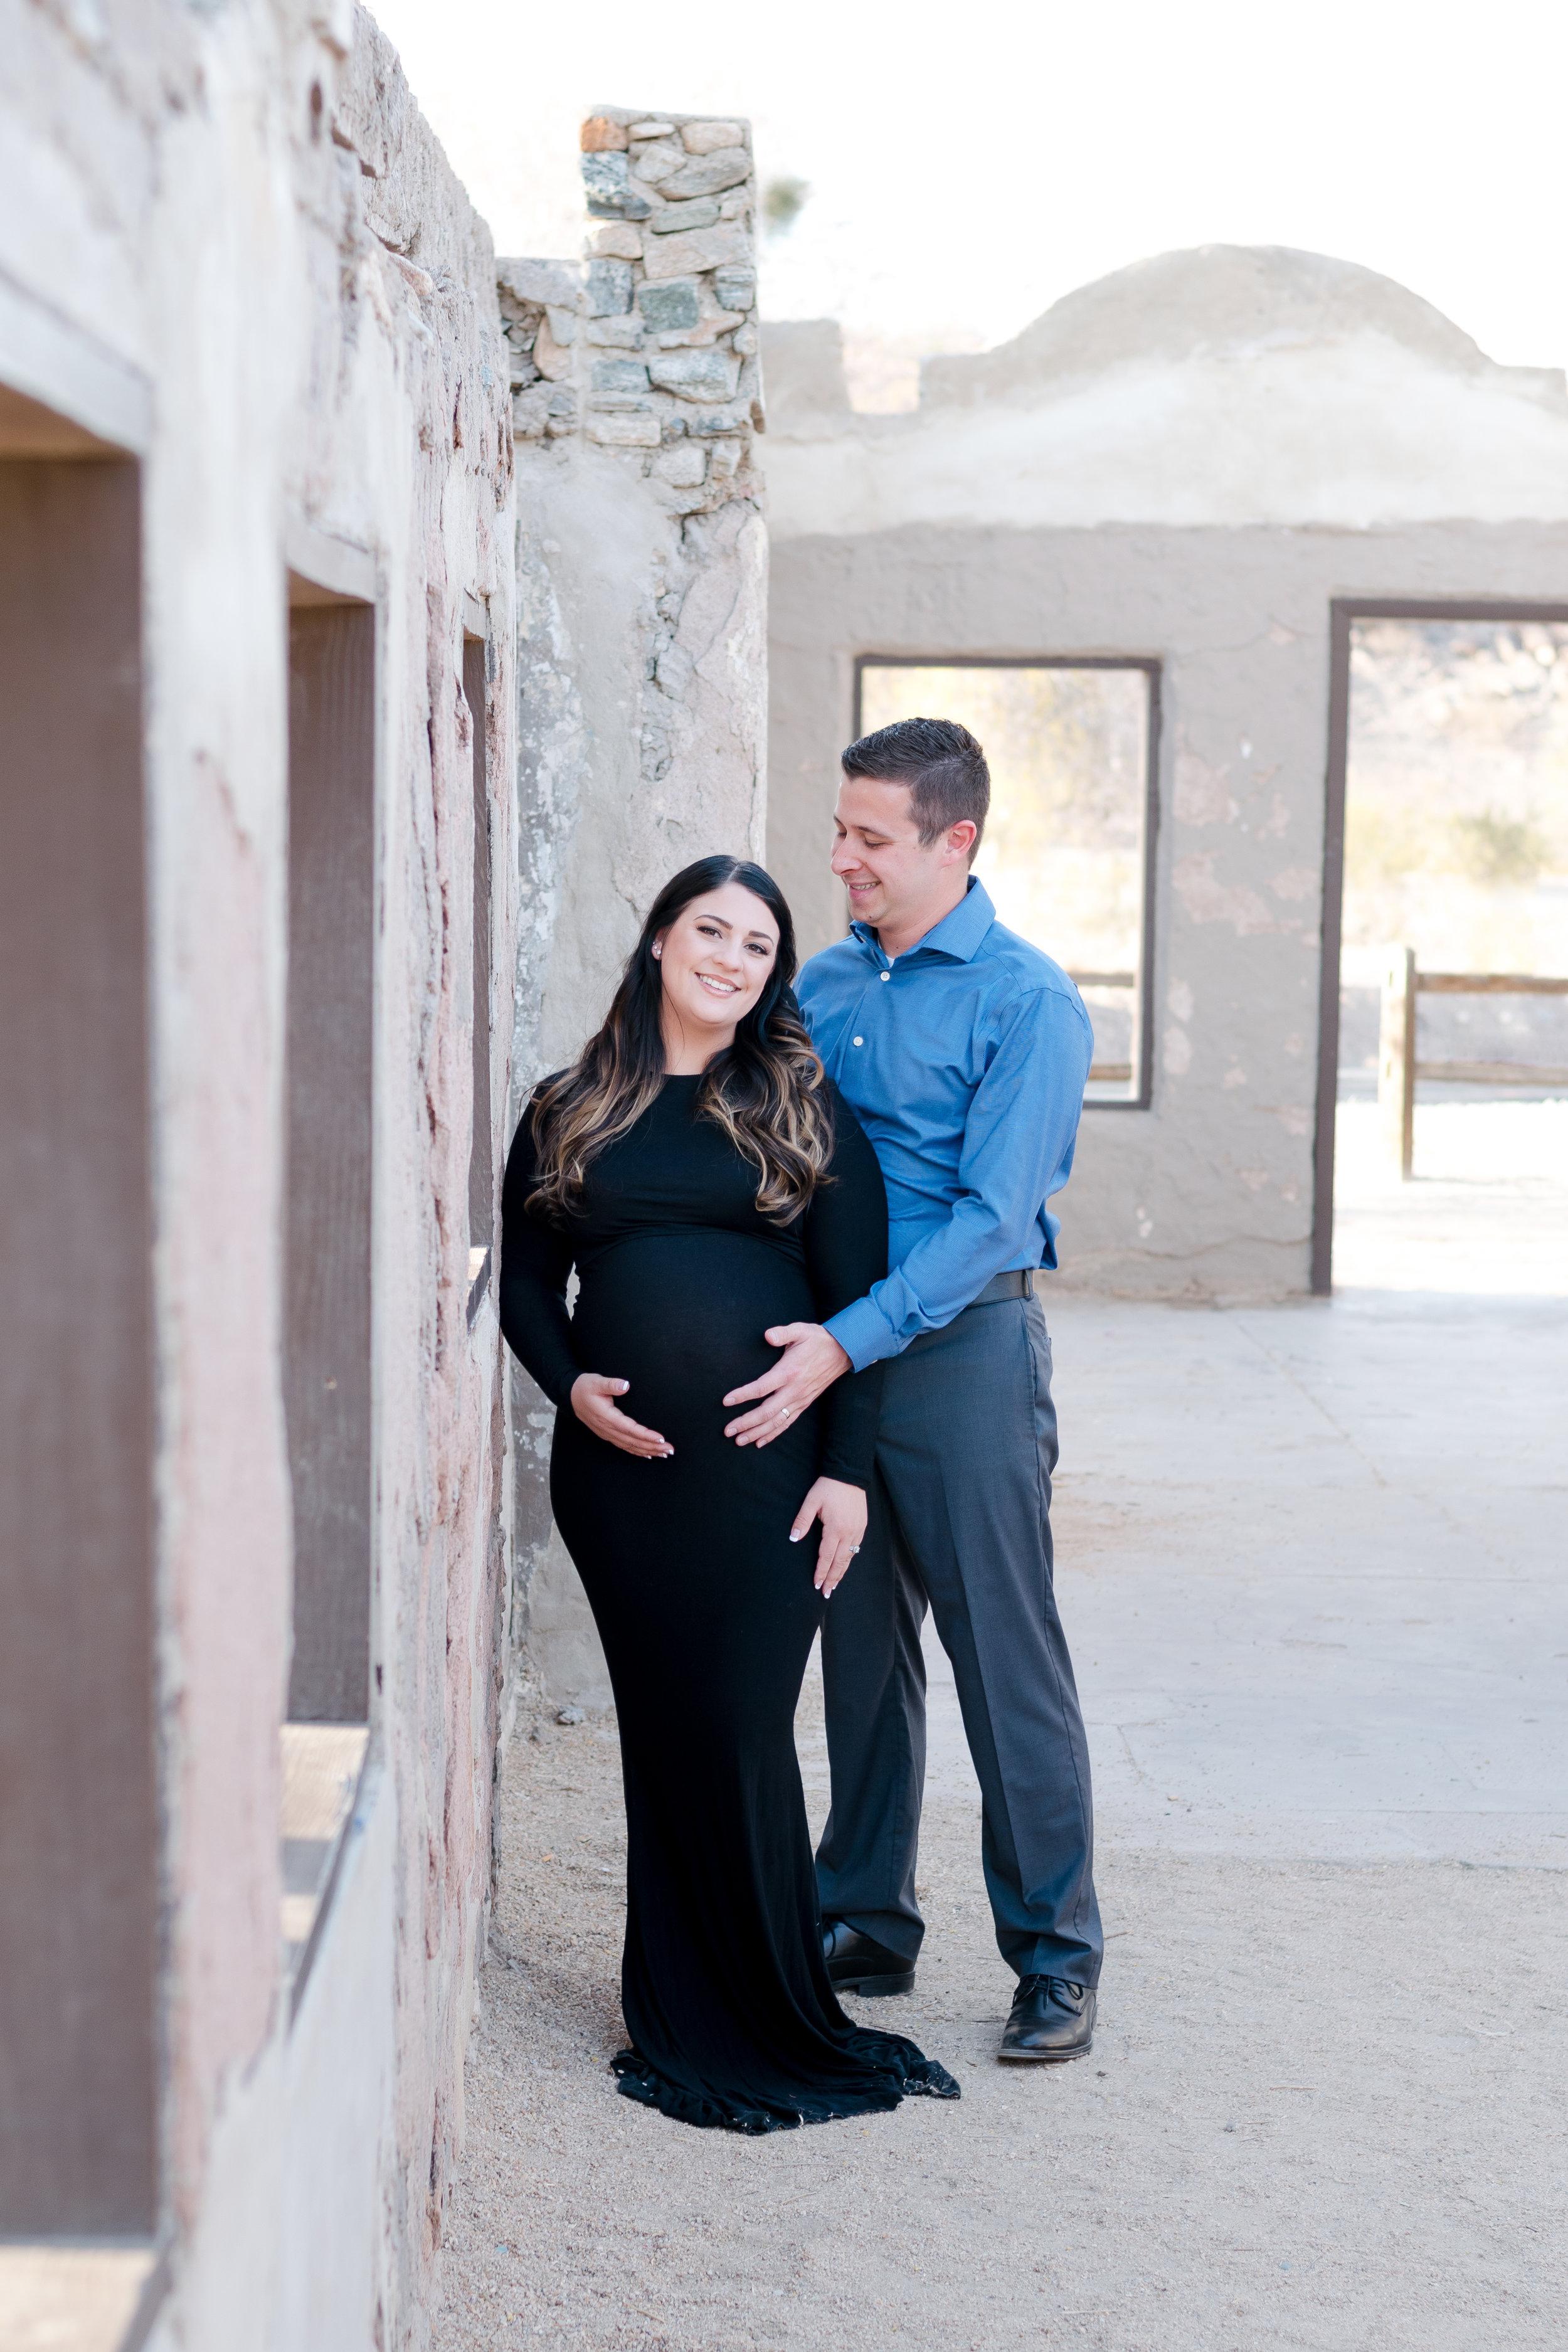 Maternity Photography - Peoria, Arizona | Lauren Iwen Photography